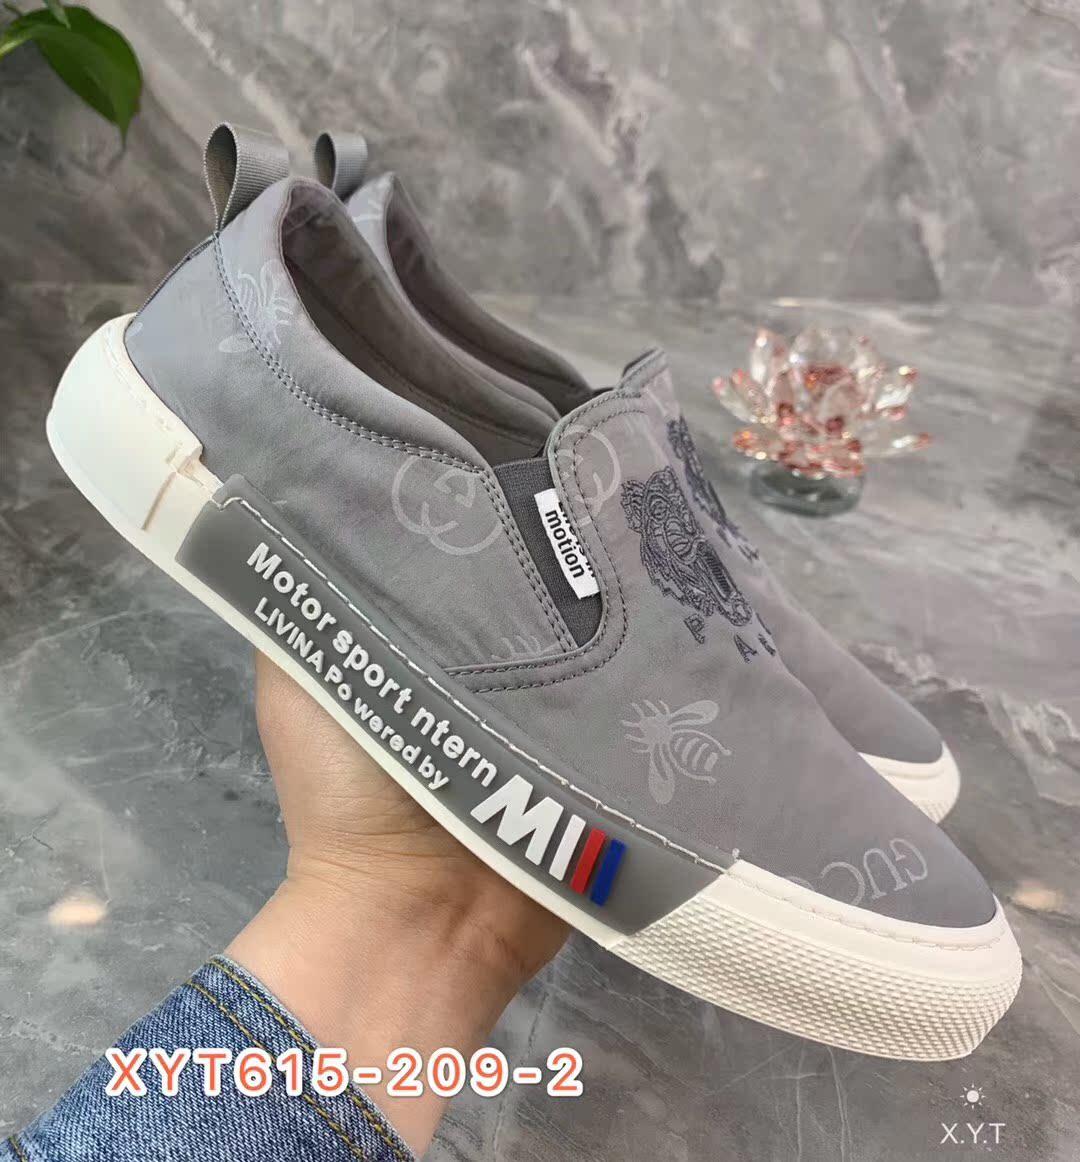 【西亚图】20年新款布鞋百搭鞋潮鞋休闲鞋刺绣38-43码黑色灰色